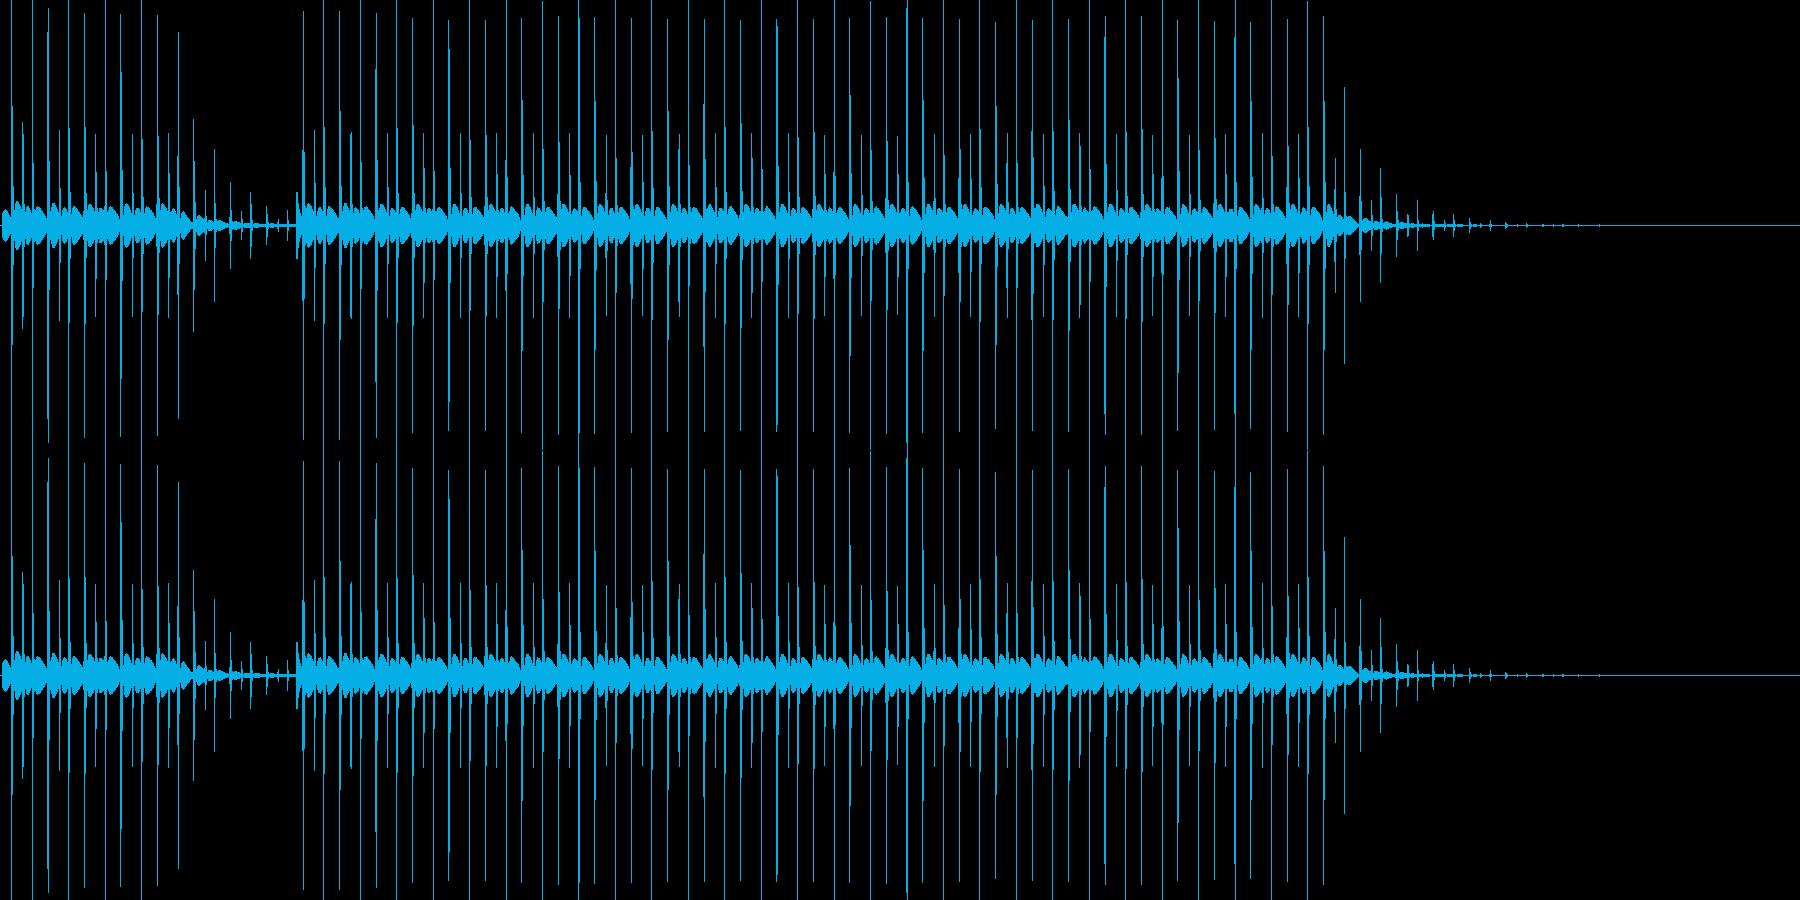 ブブー(クイズの不正解音)の再生済みの波形